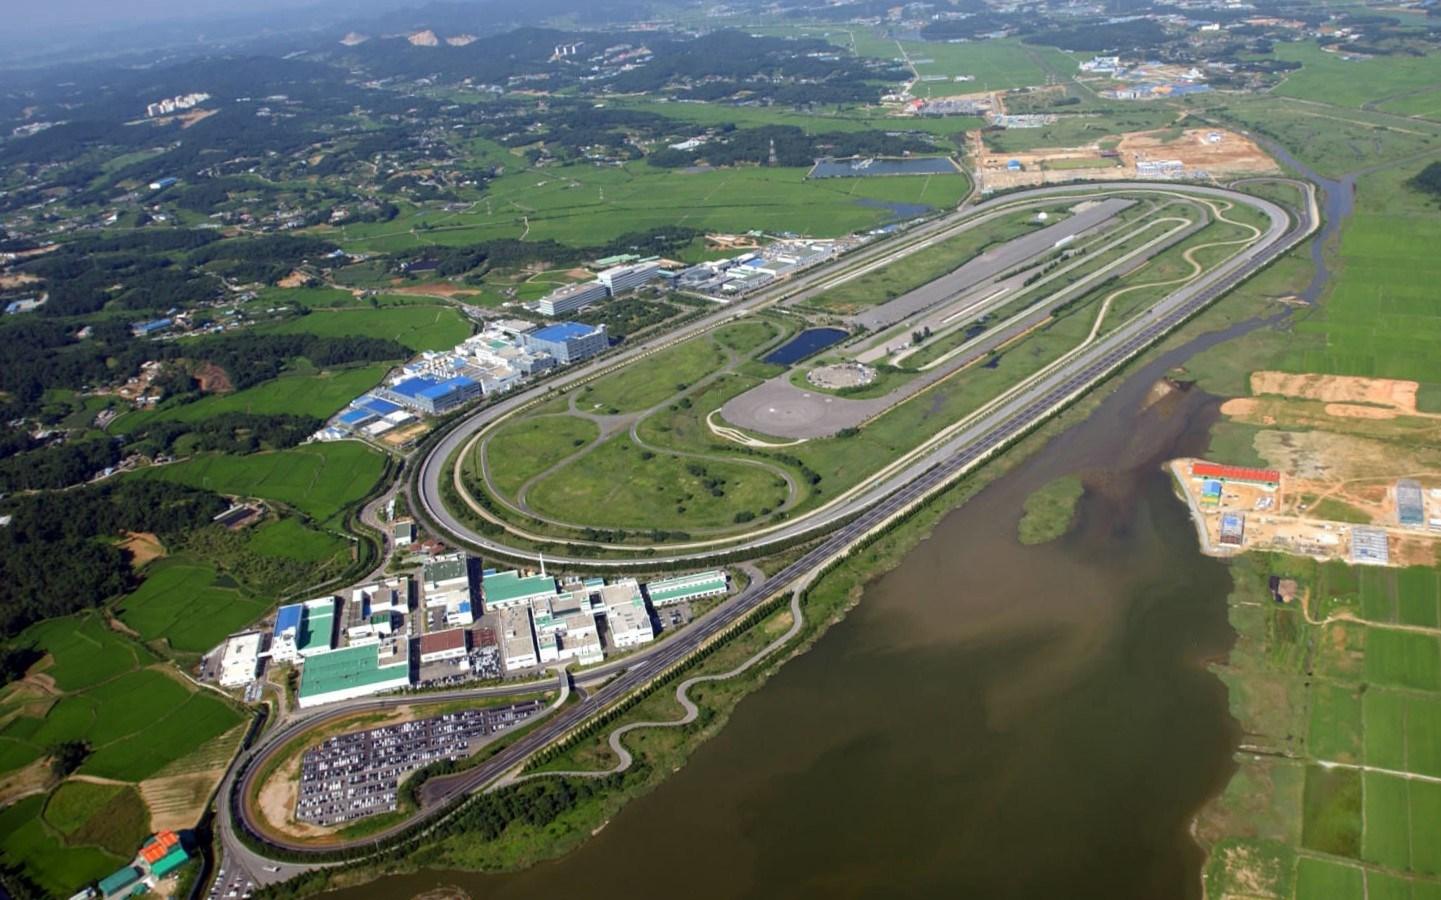 Νέα ευέλικτη δομή αποκτά το κέντρο Έρευνας & Ανάπτυξης της Hyundai